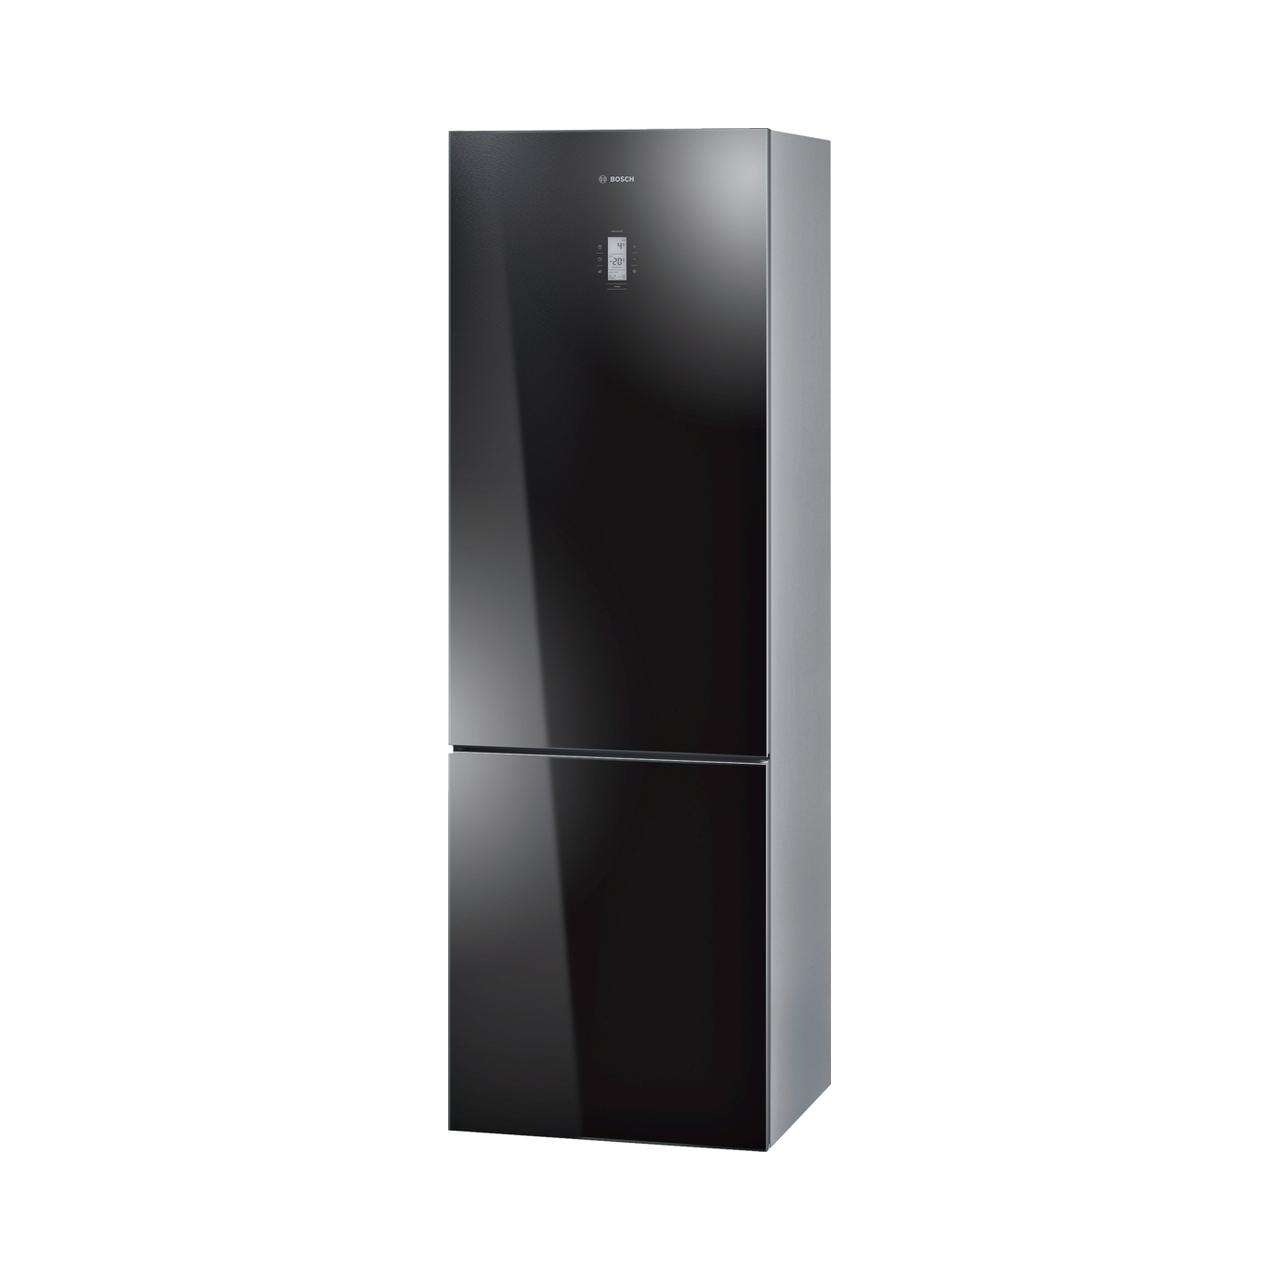 Tủ lạnh đơn BOSCH KGN36SB31 Serie 8